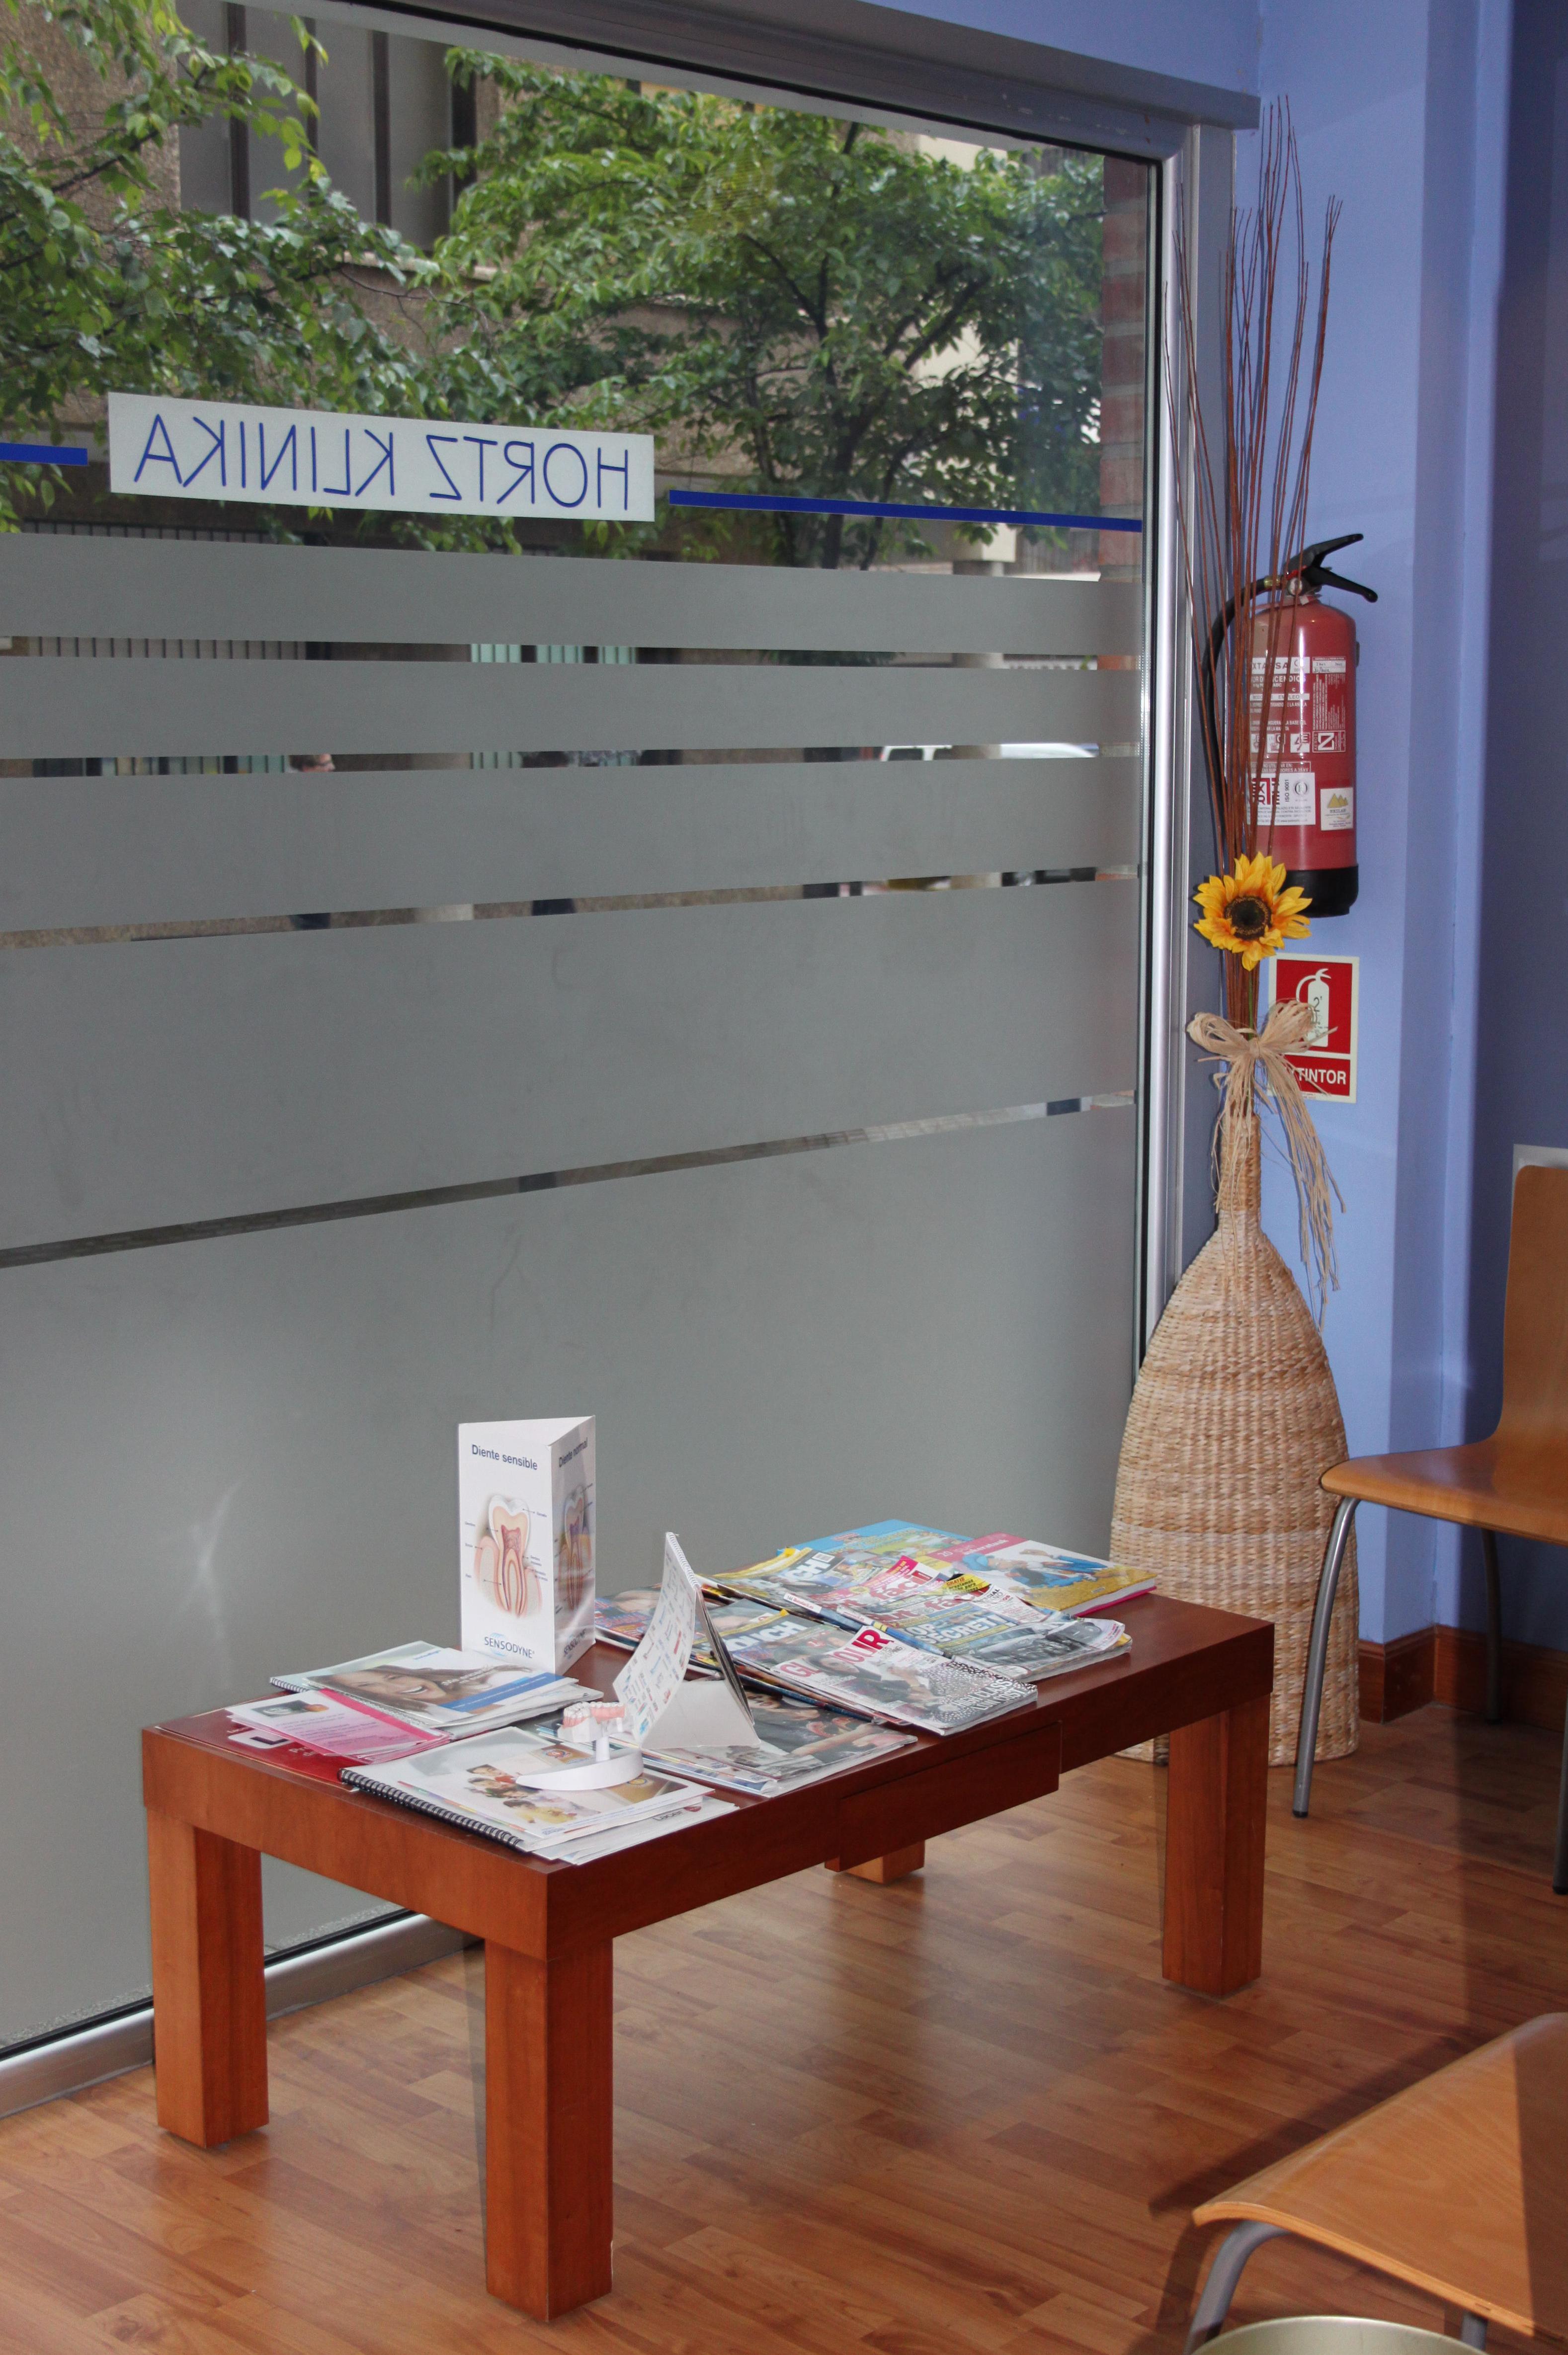 Foto 6 de Dentistas en Villabona | Clínica Dental Erniobea